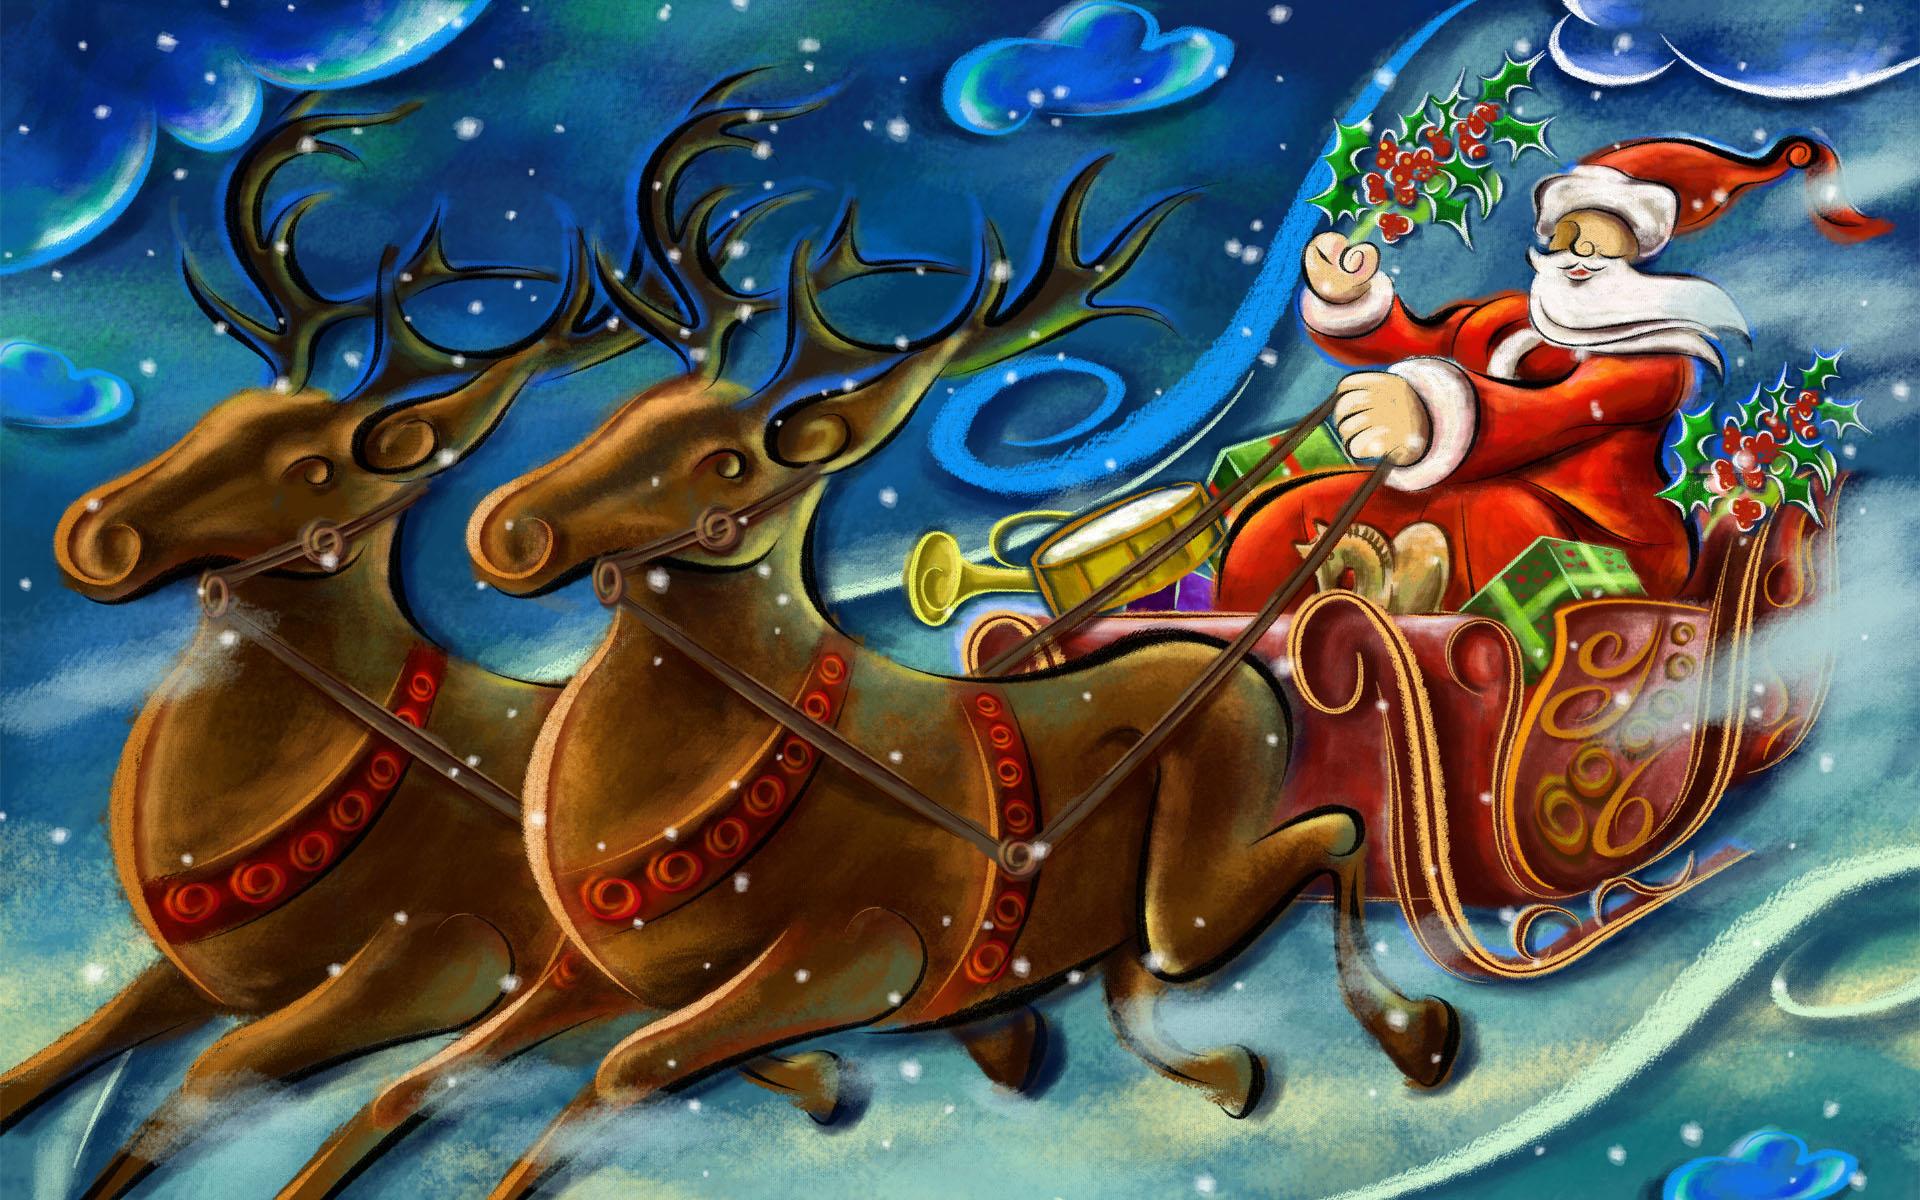 Санта Клаус / Новый Год - C Новым годом  2018 поздравительные картинки